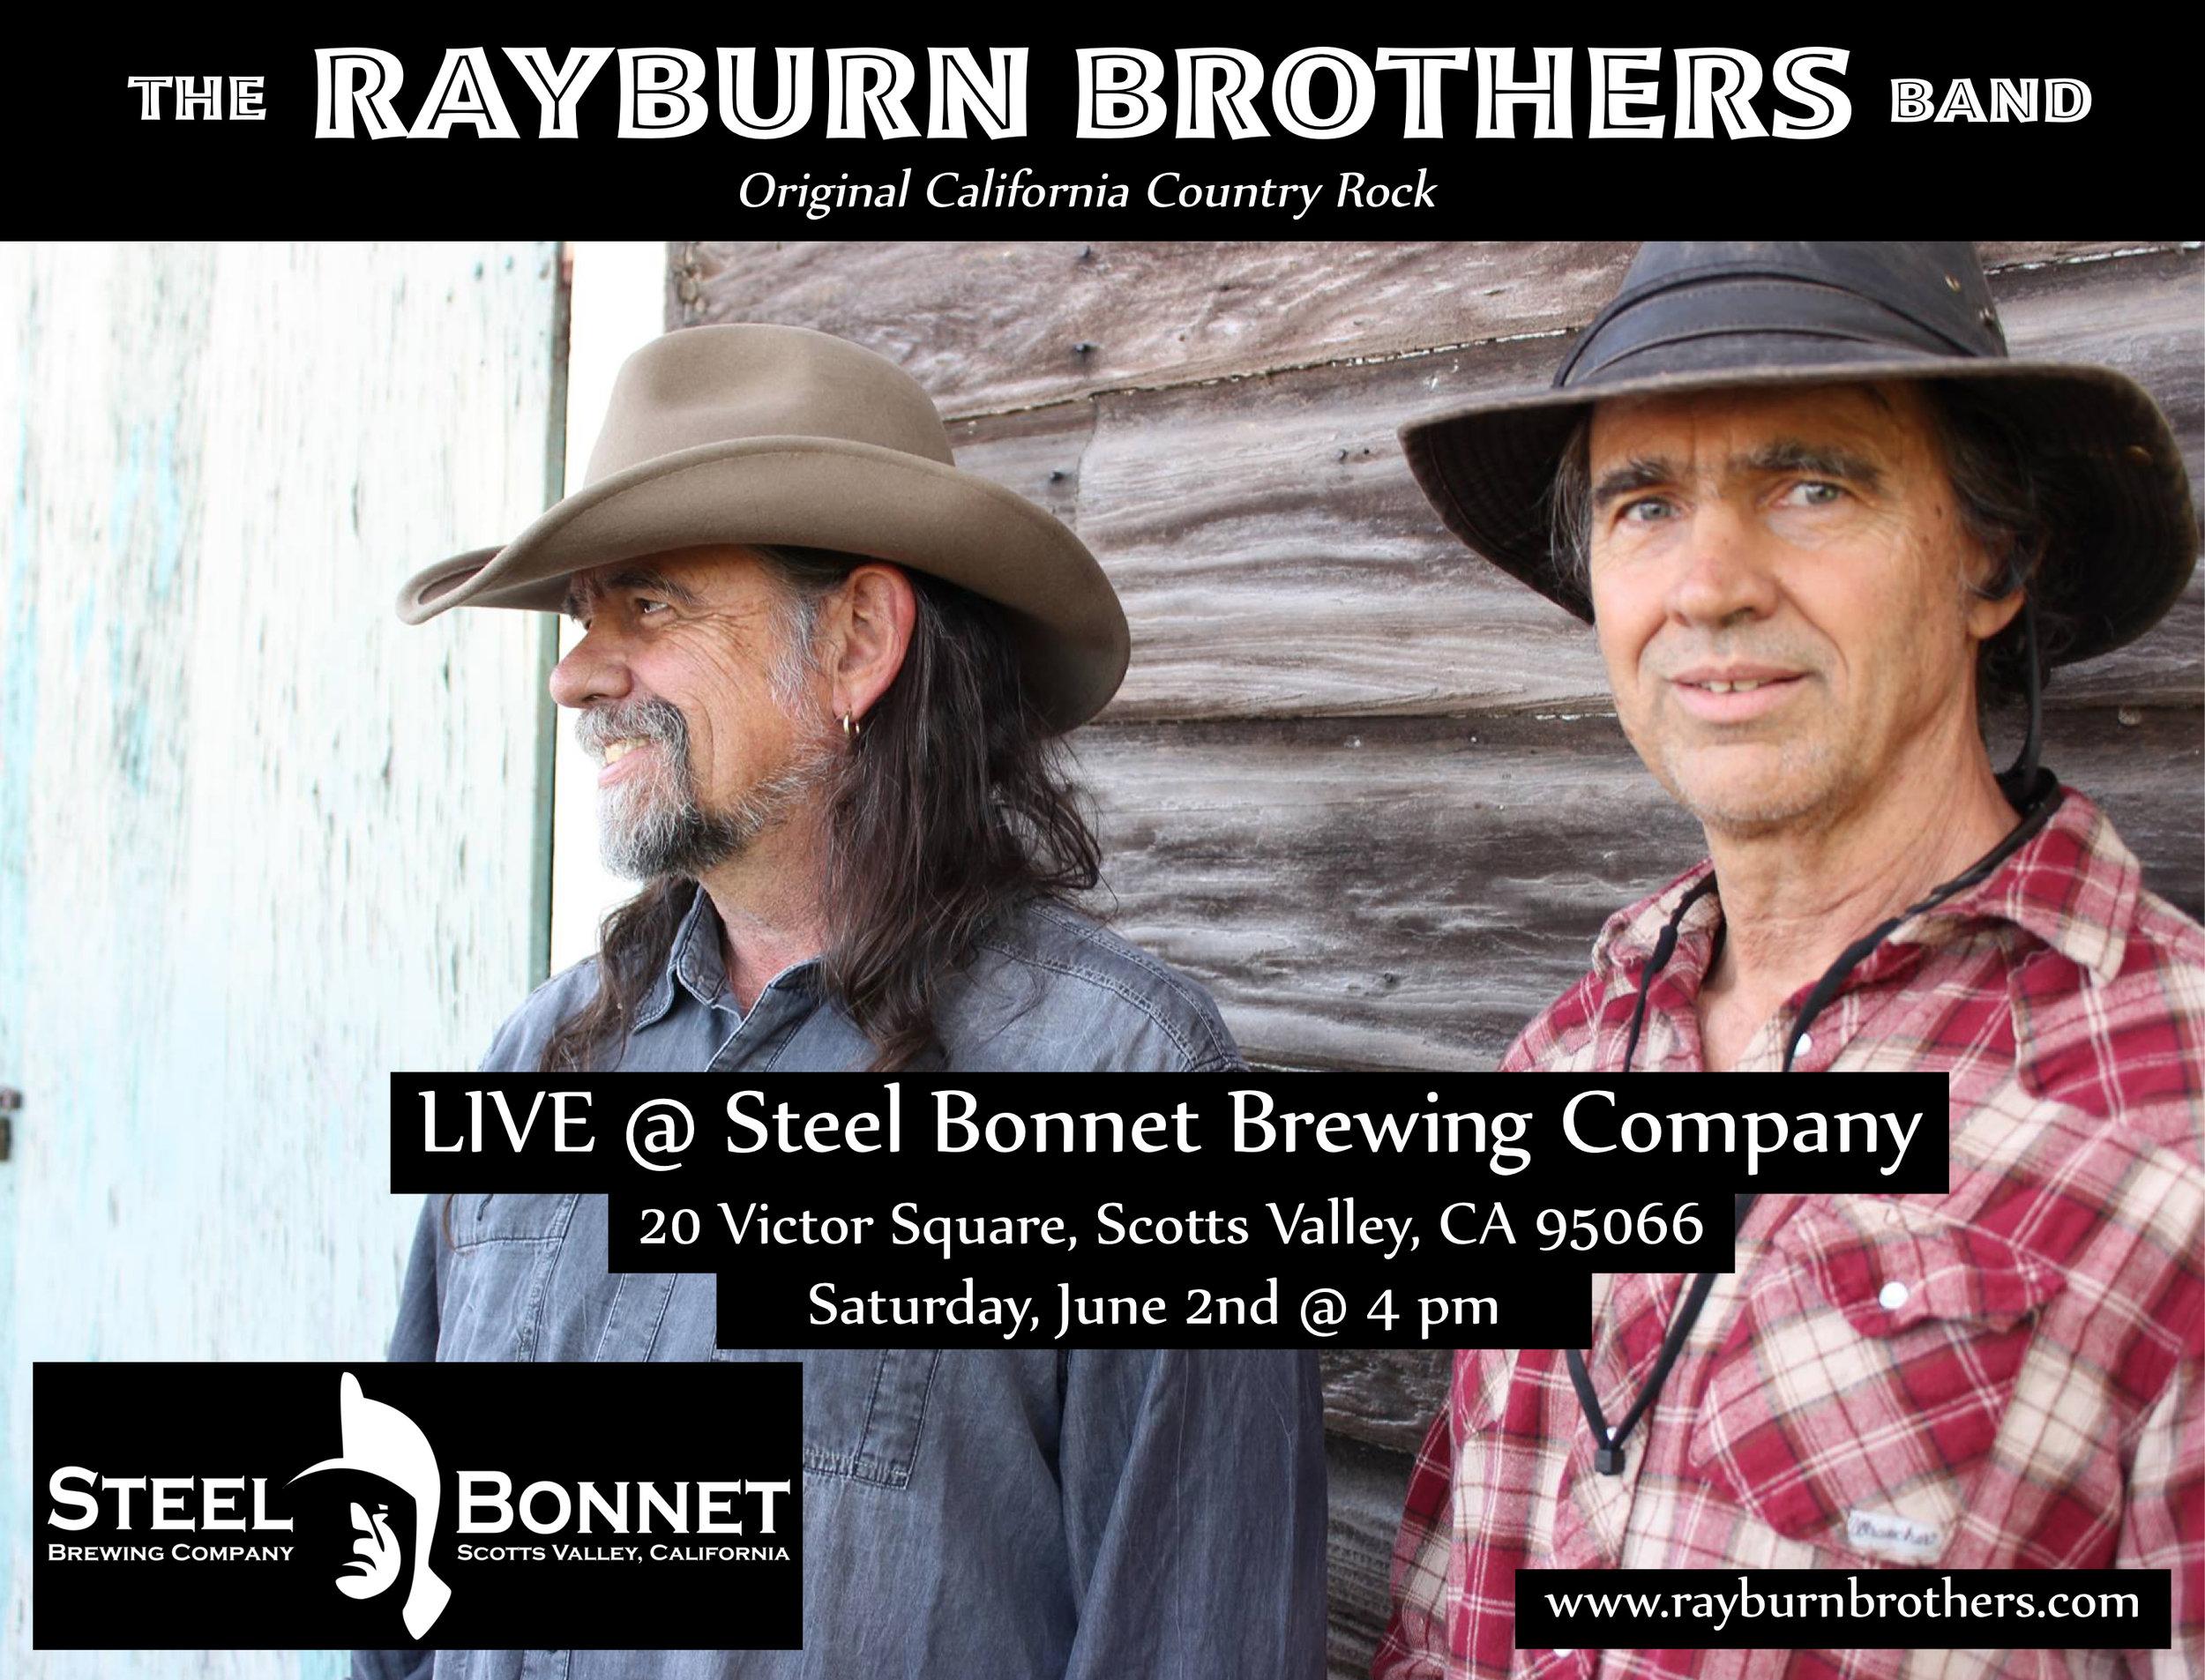 RBB_SteelBonnet_June2018.jpg